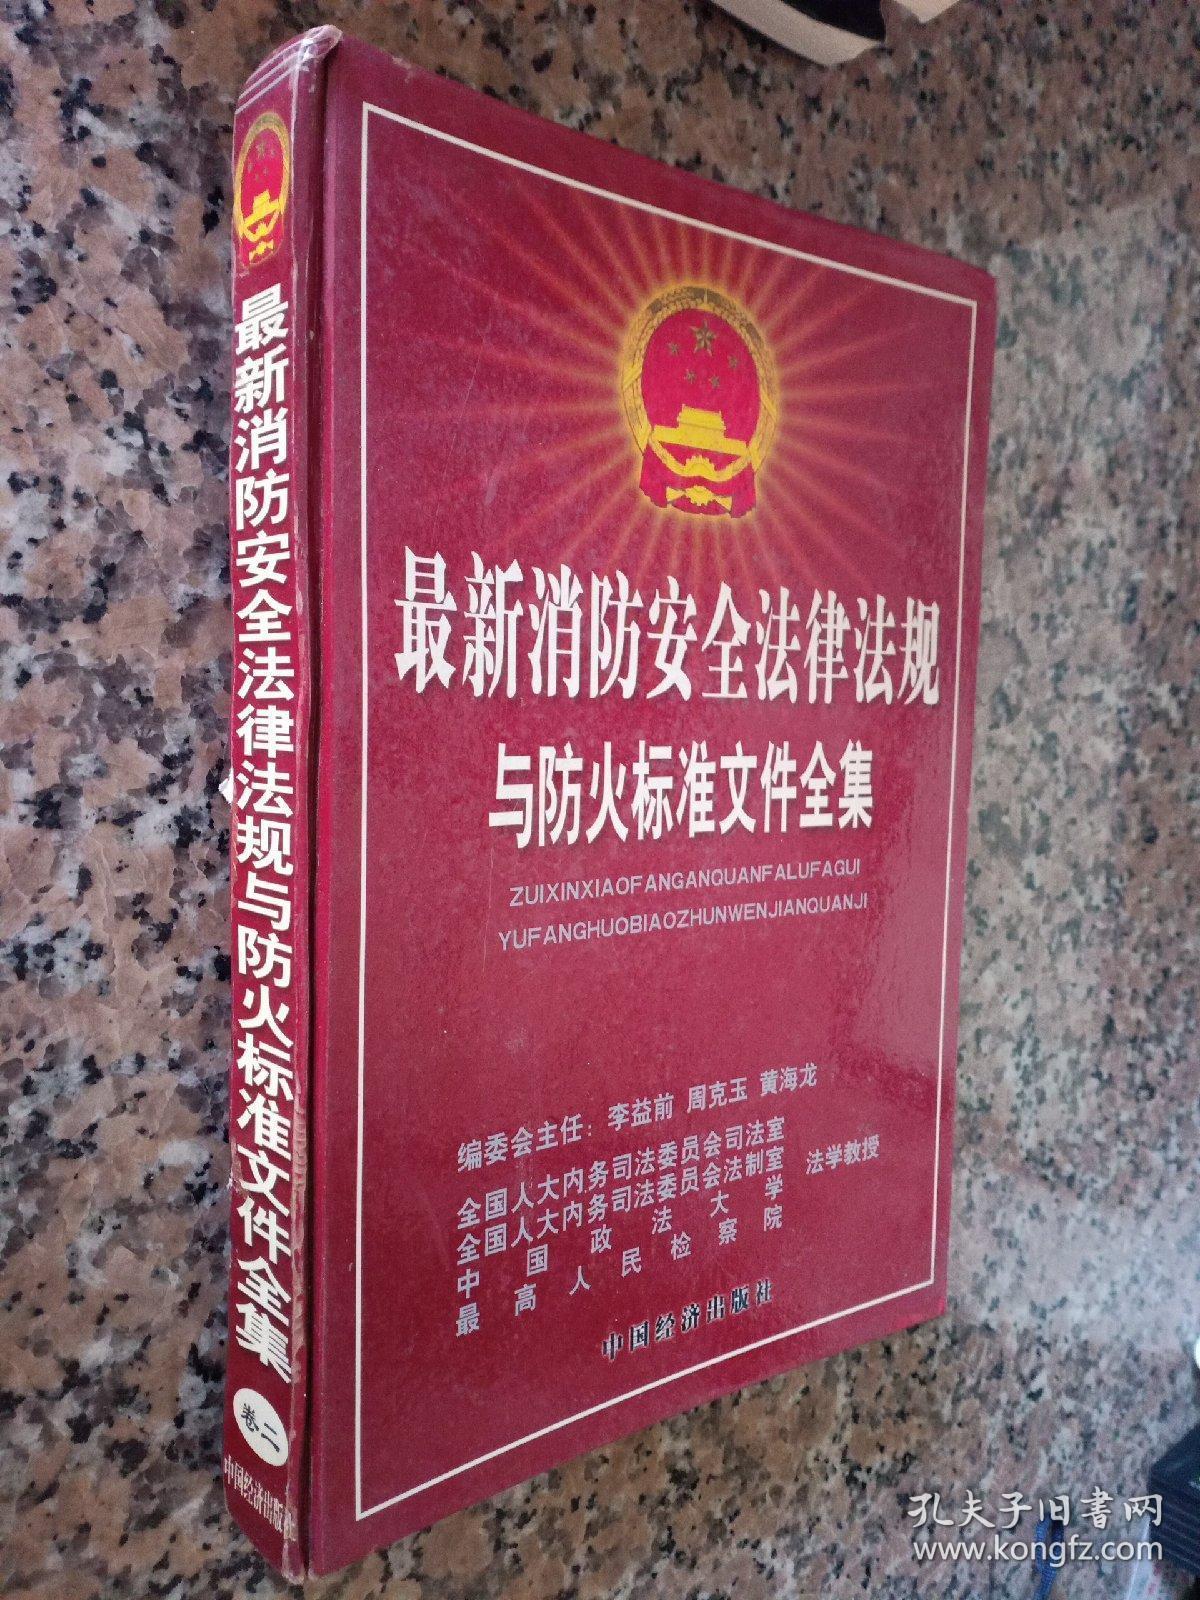 最新消防安全法律法规与防火标准文件全集卷二